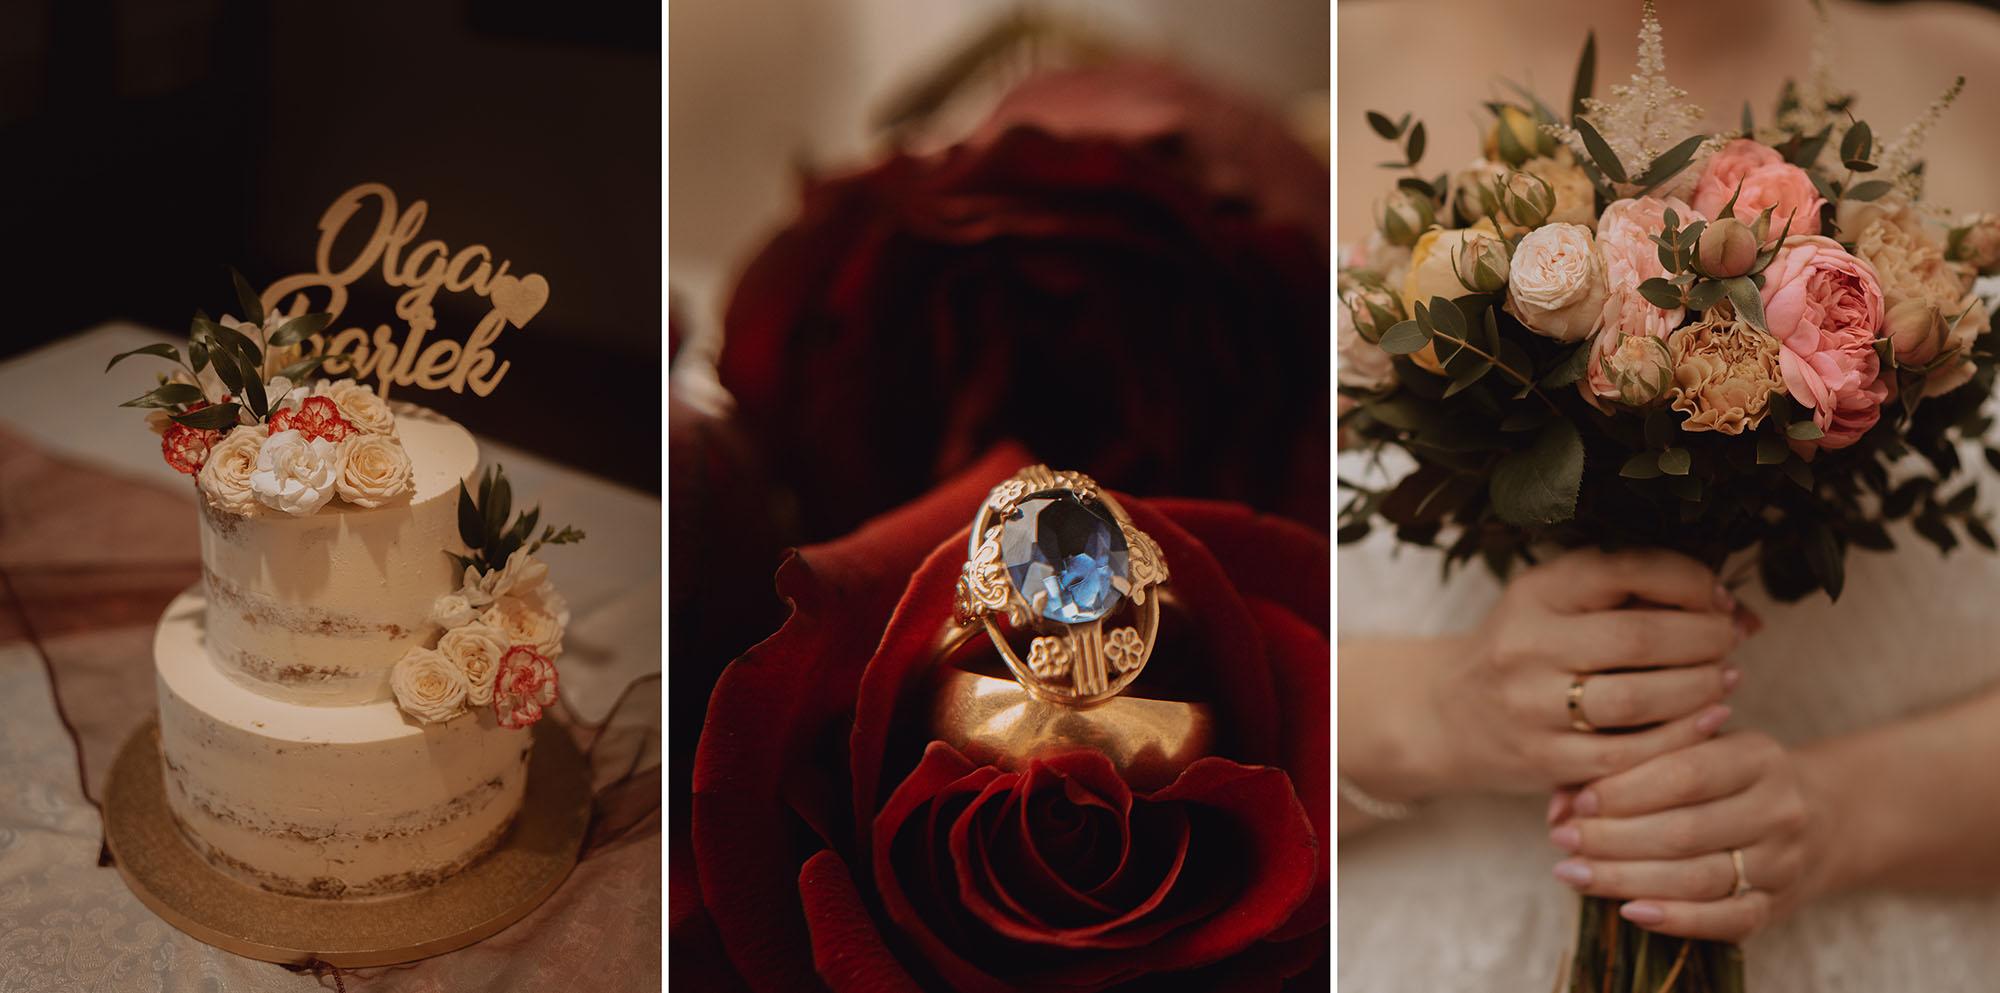 Kwiaty na slub00003 - Te rzeczy sprawią, że dzień ślubu będzie piękniejszy